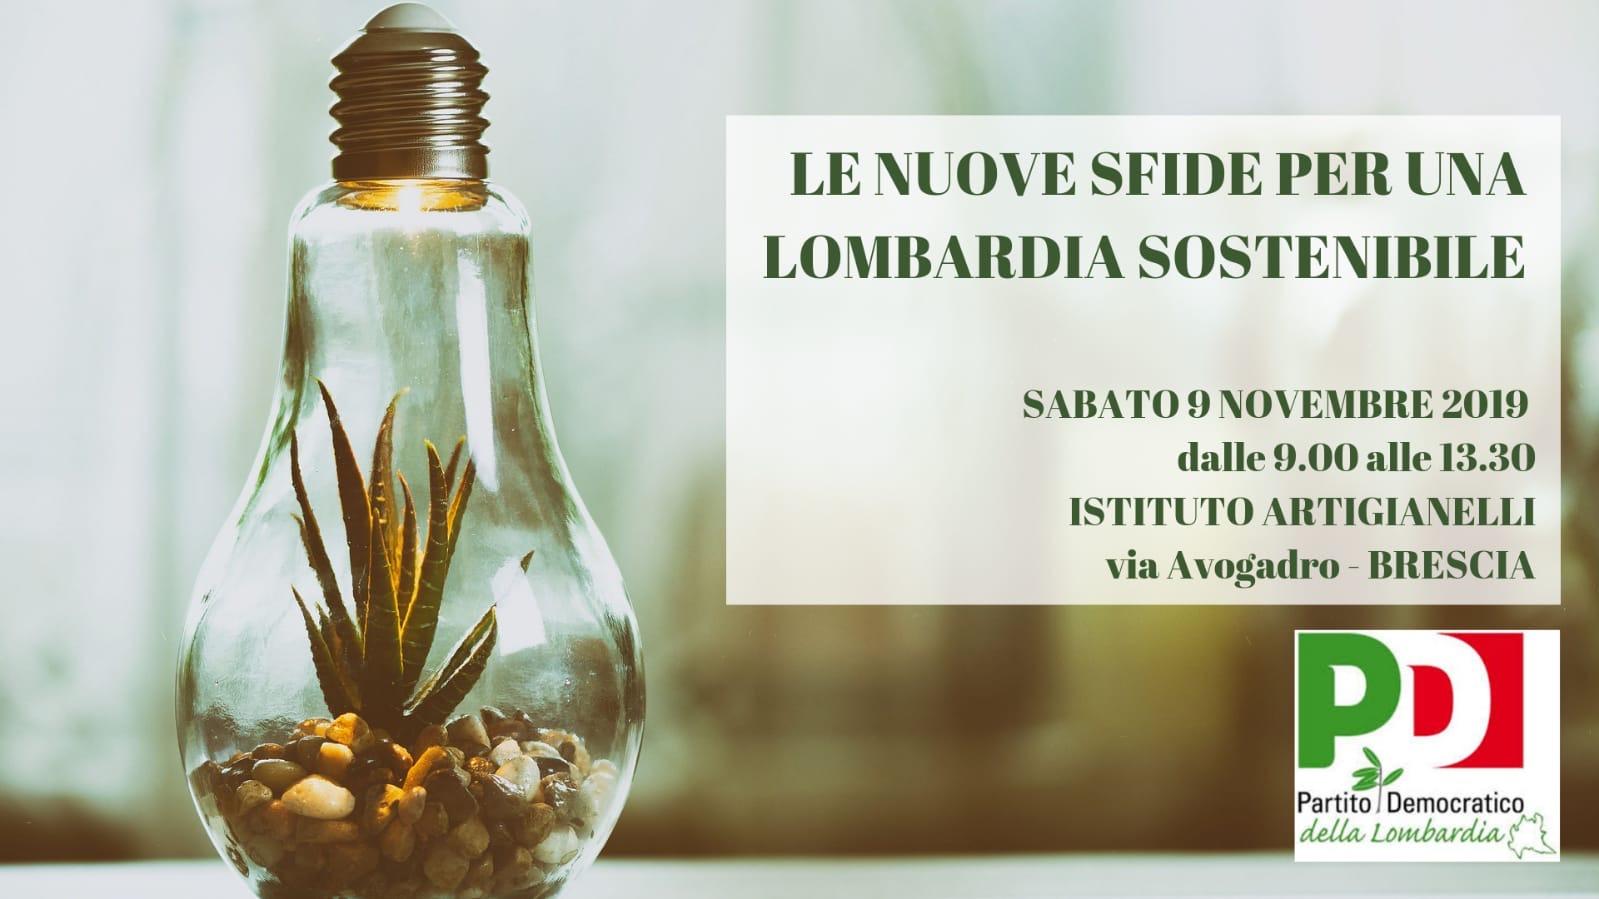 Programma Nuove sfide Lombardia sostenibile, Brescia 9/11